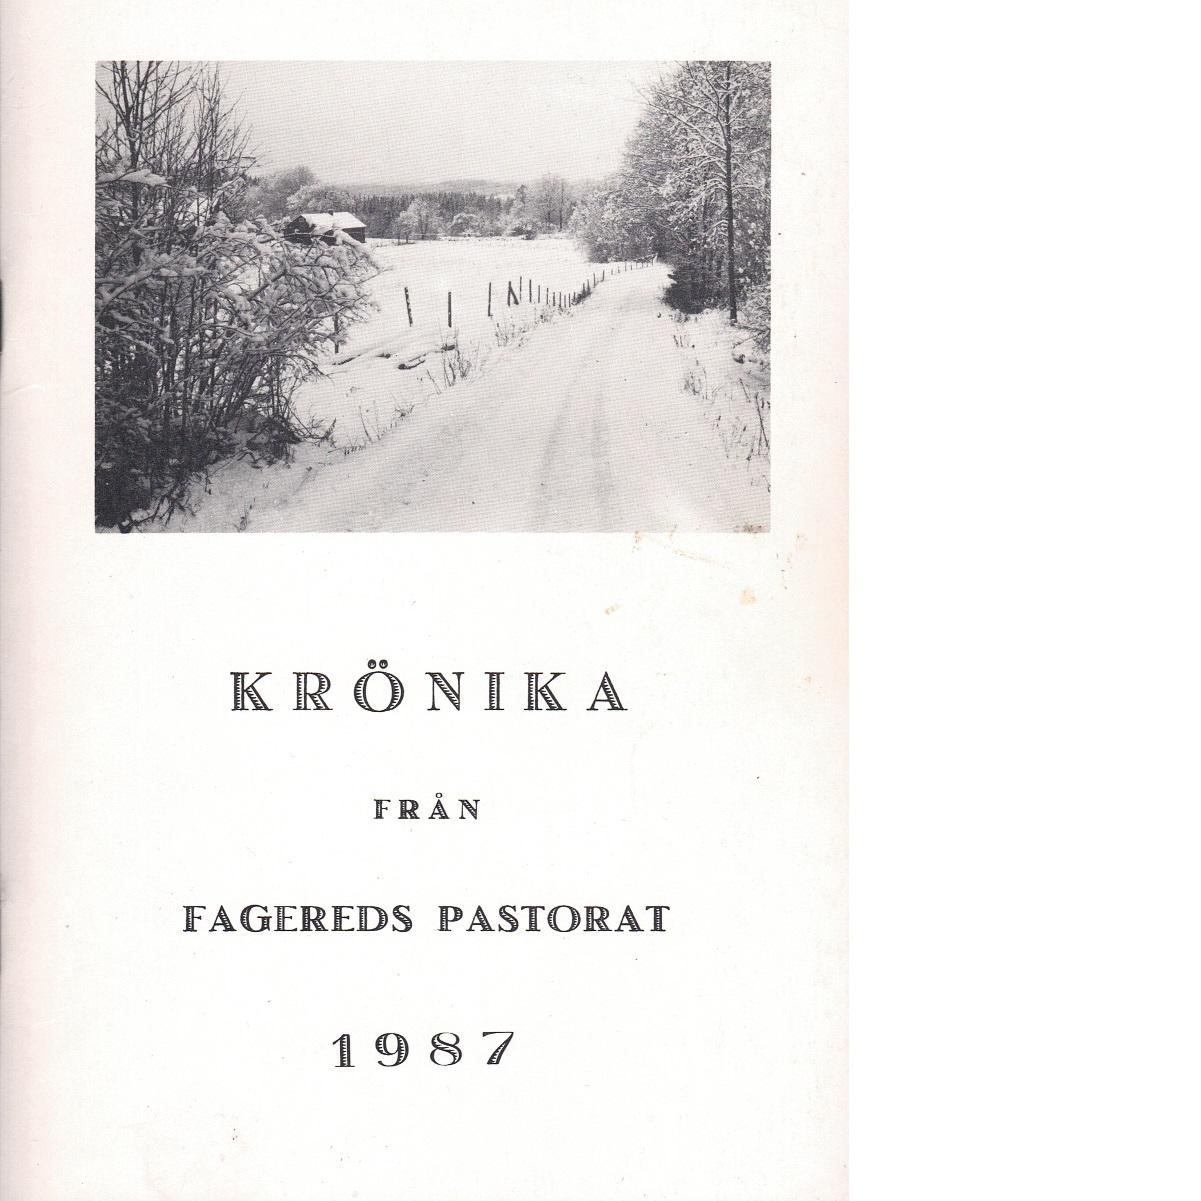 Krönika från Fagereds pastorat 1987 - Red.